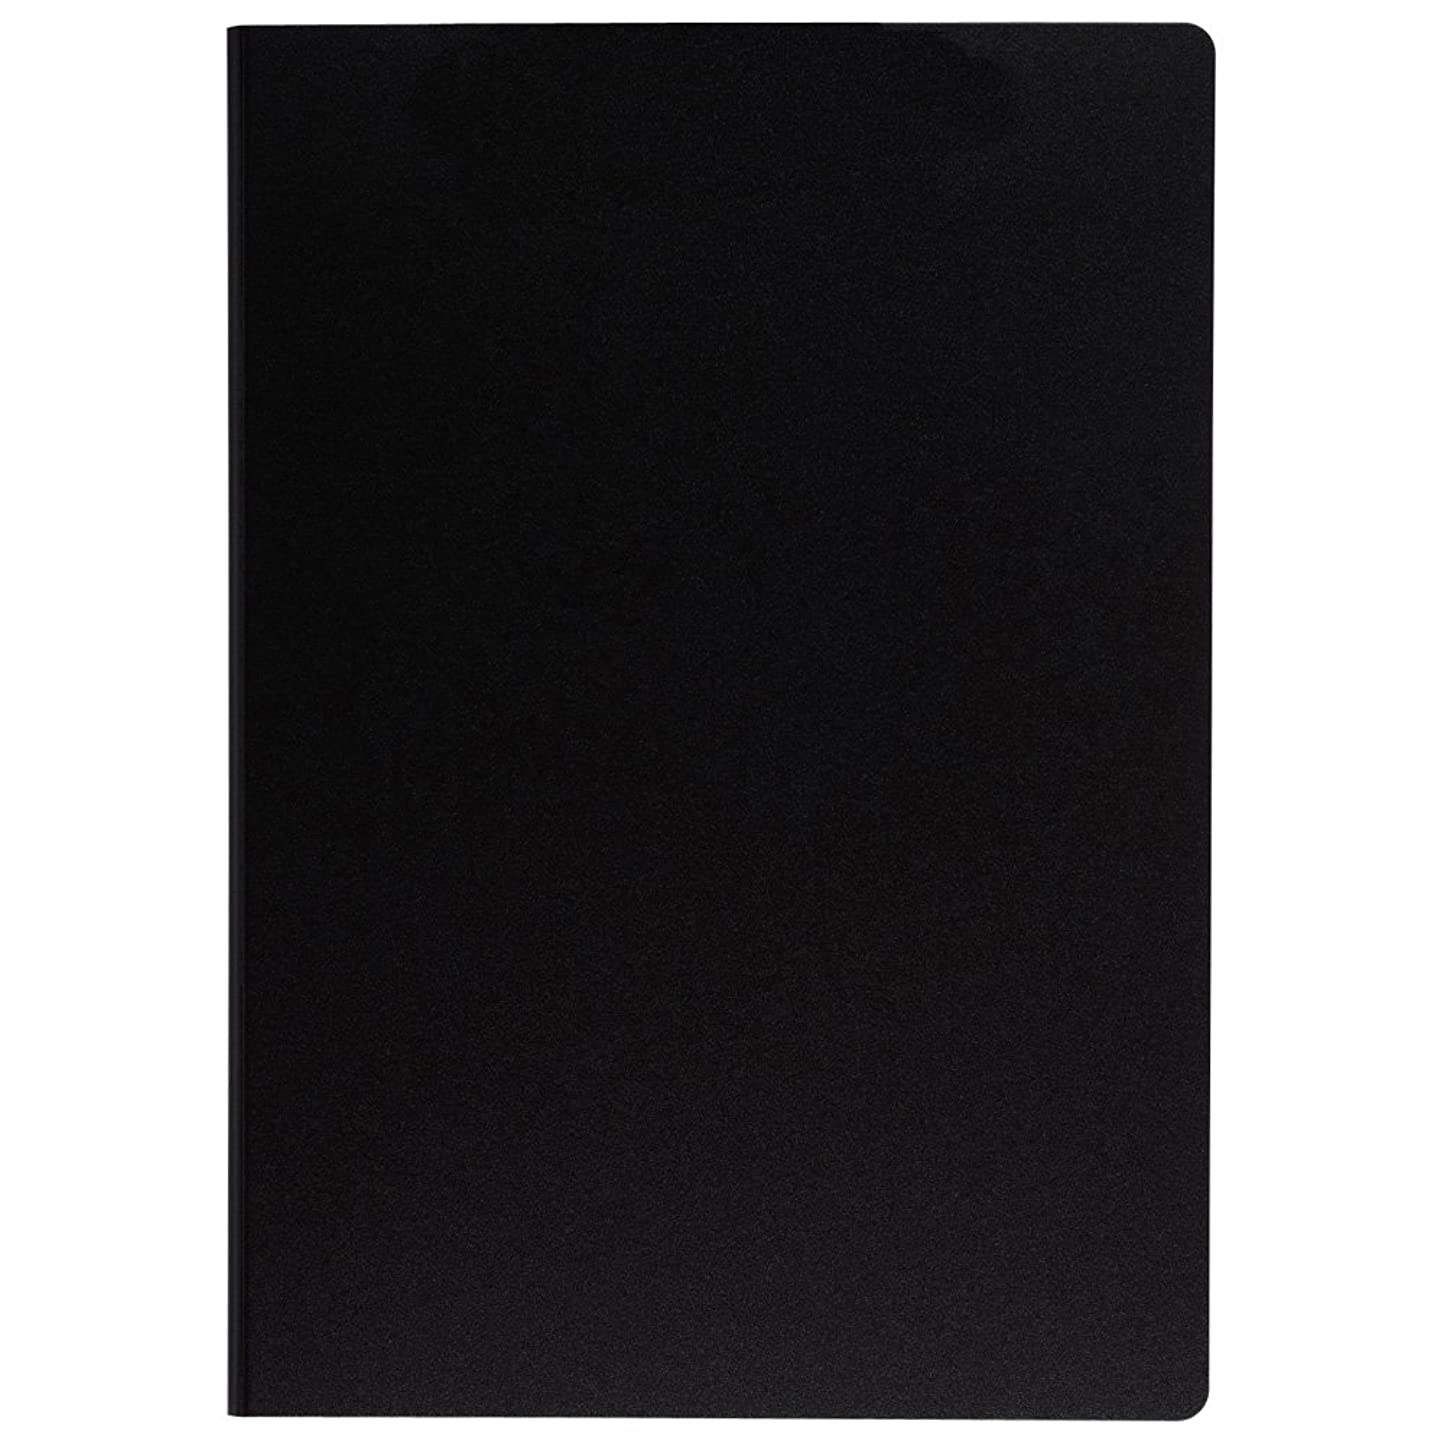 入射帰るほうきPanavage クリップボードフォルダ a4 ファイルボード バインダー 会議用パッド 黒